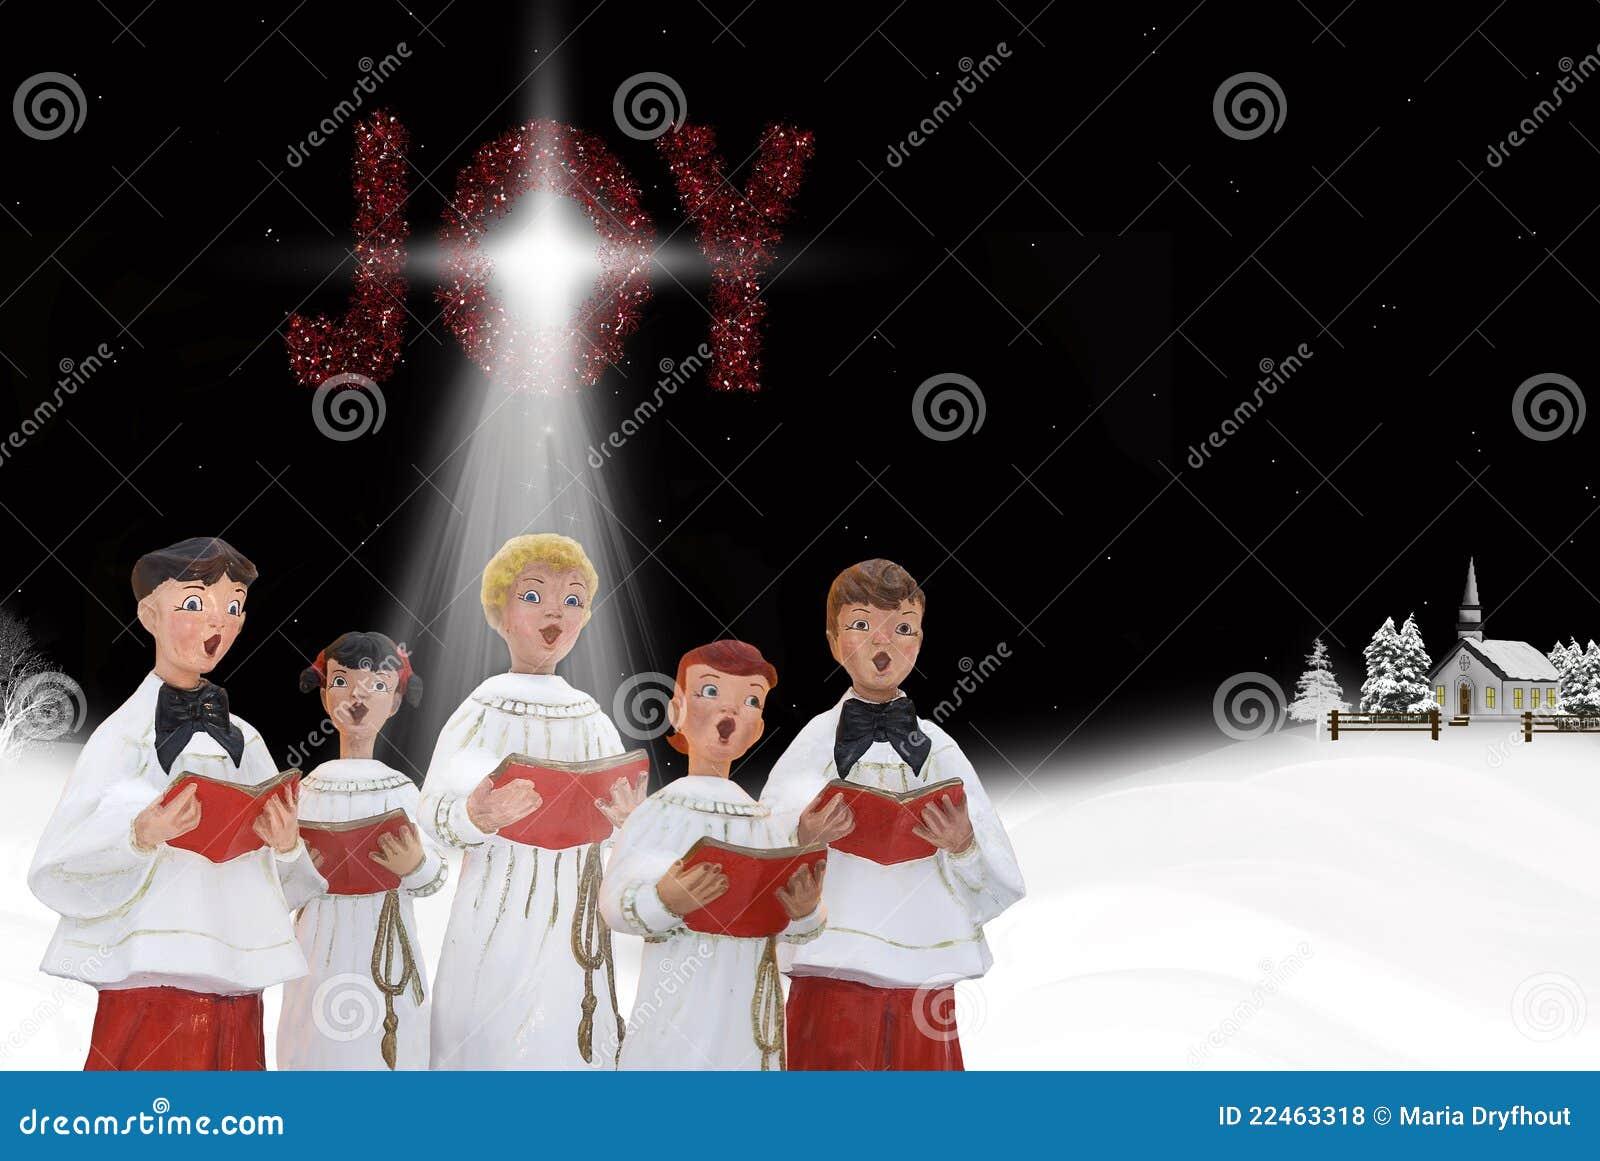 欢唱圣诞节